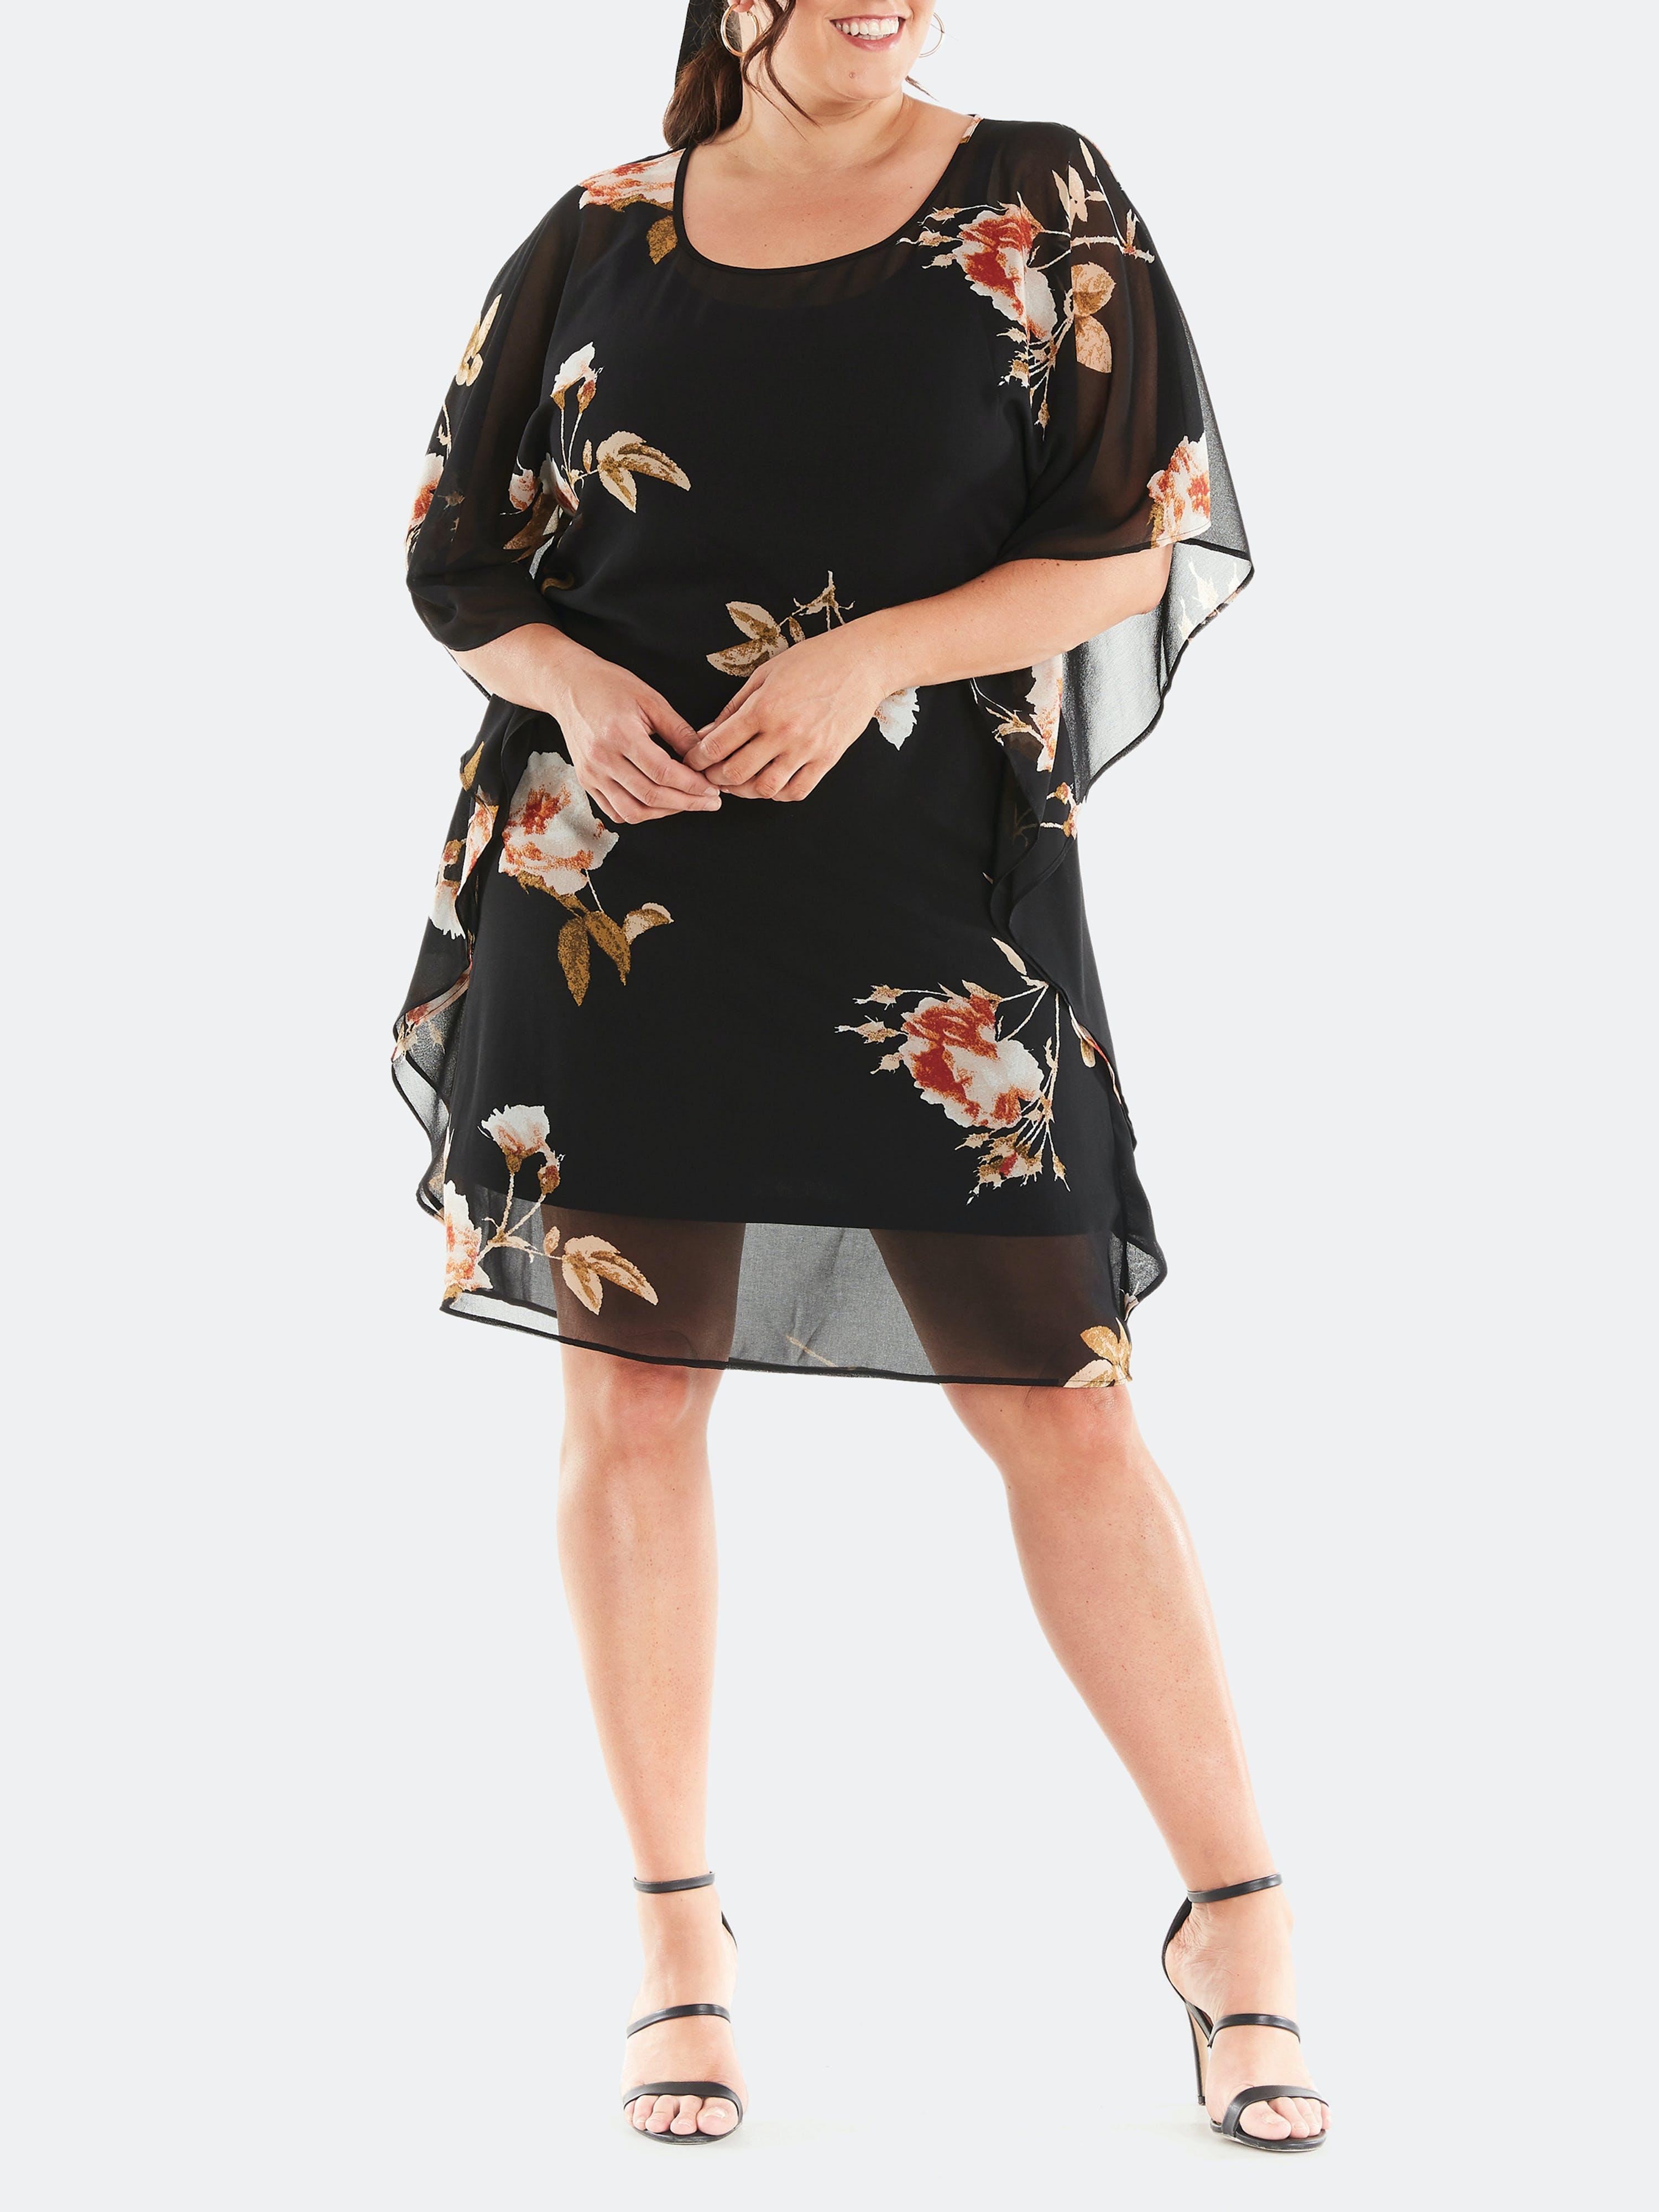 Estelle - Verified Partner Rose Garden Dress - 2X - Also in: 1X, 4X, 3X  - Black